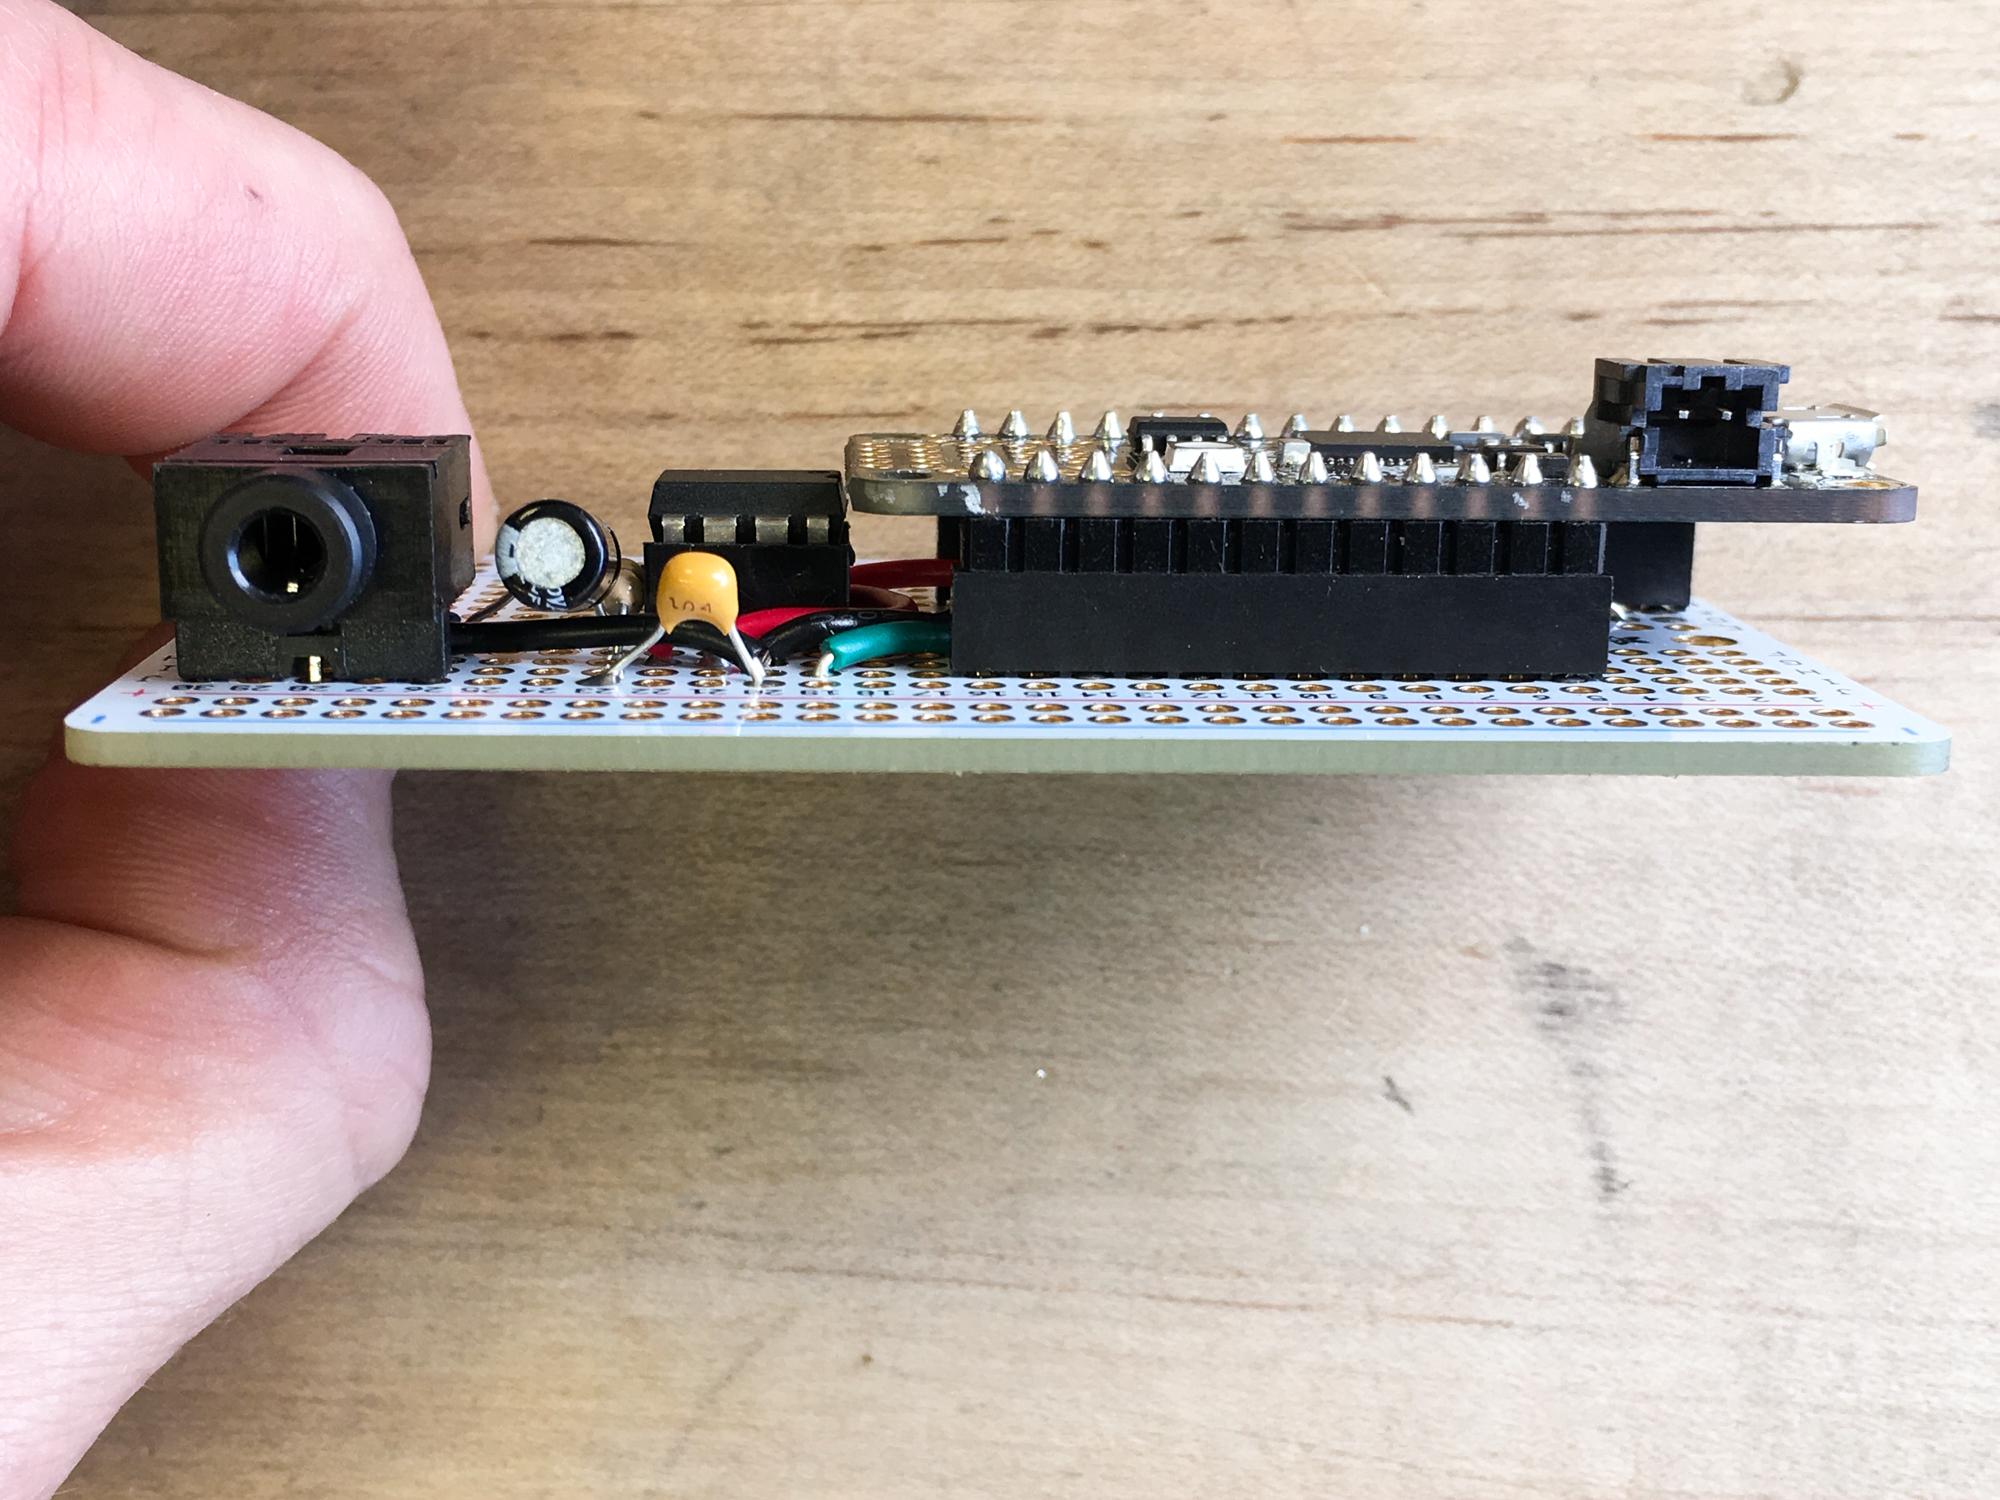 microcontrollers_IMG_1798_2k.jpg